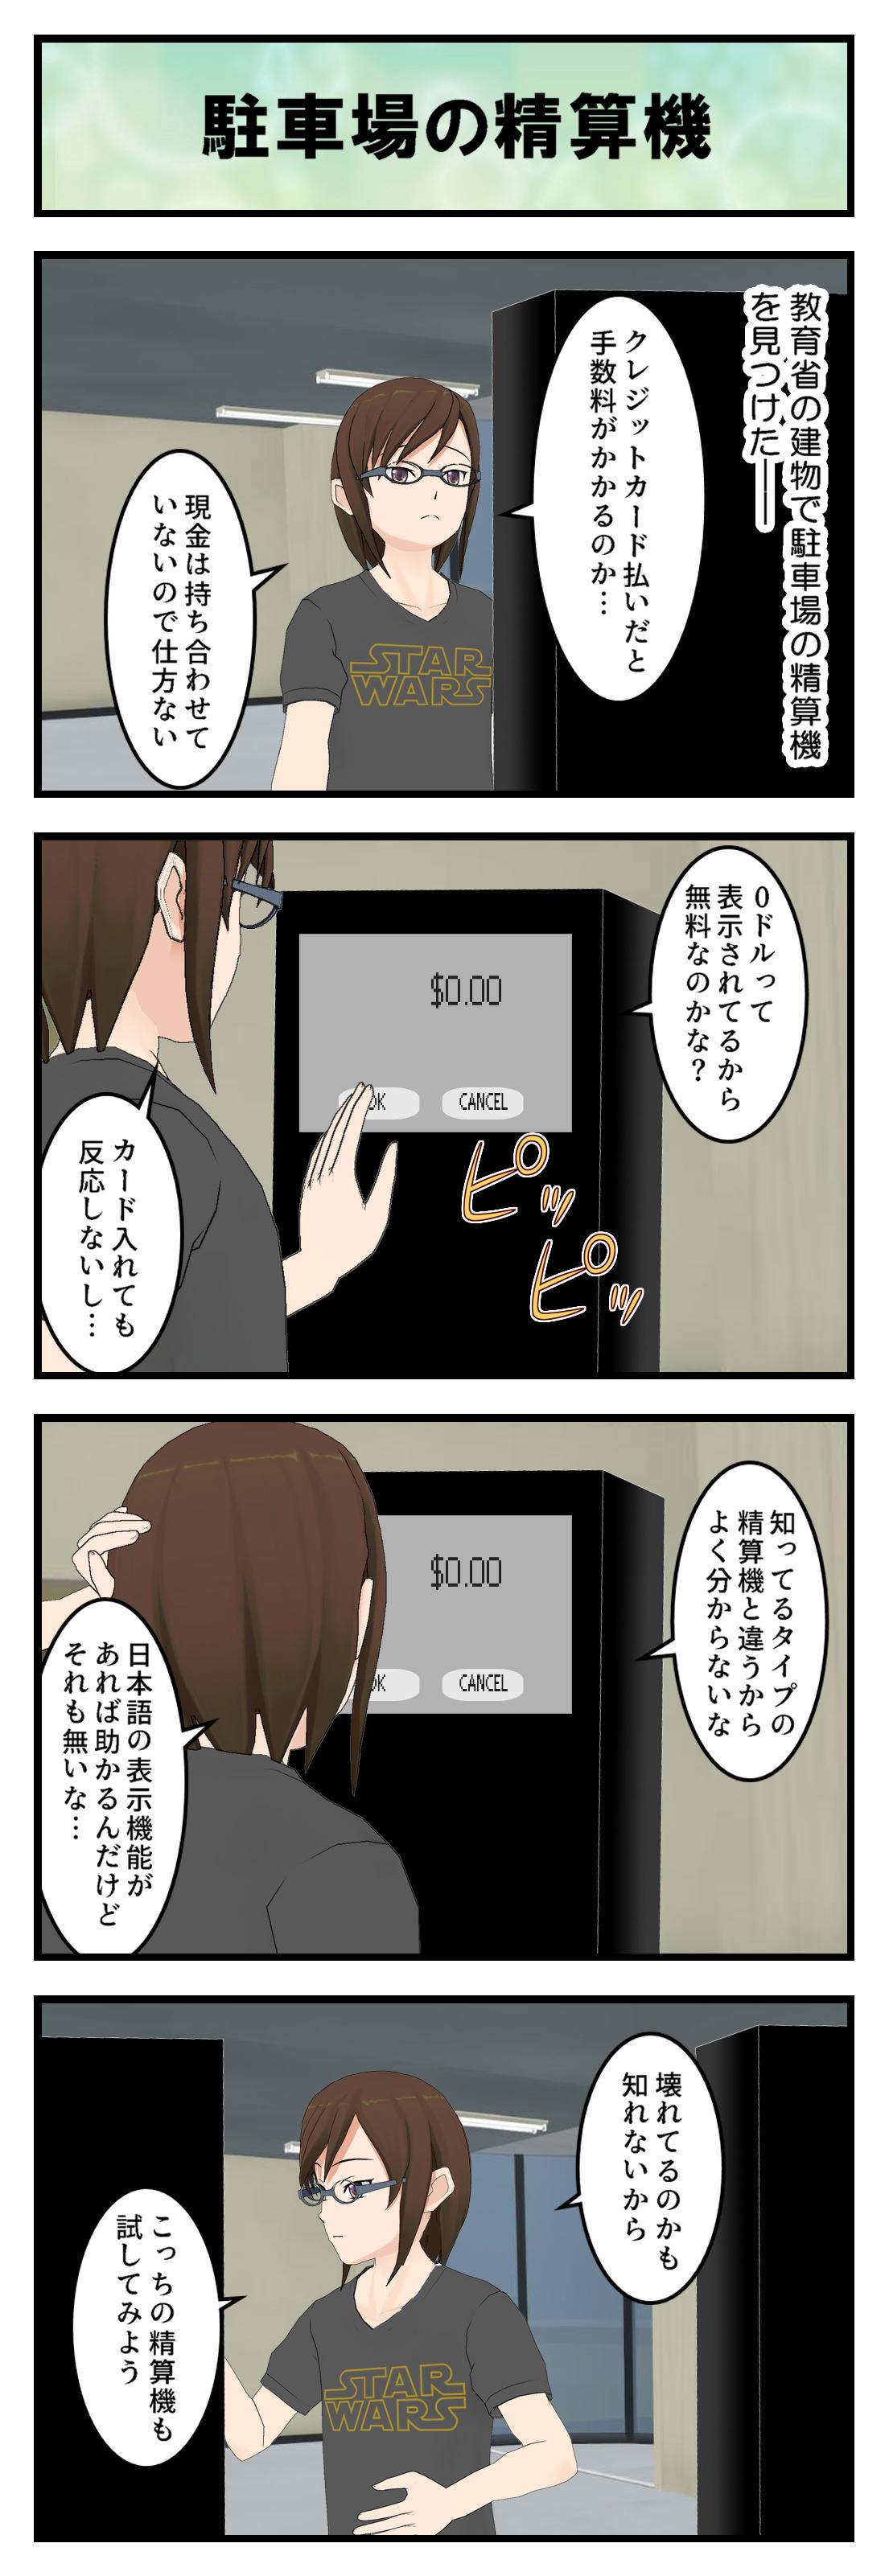 R471_DOE精算機_001